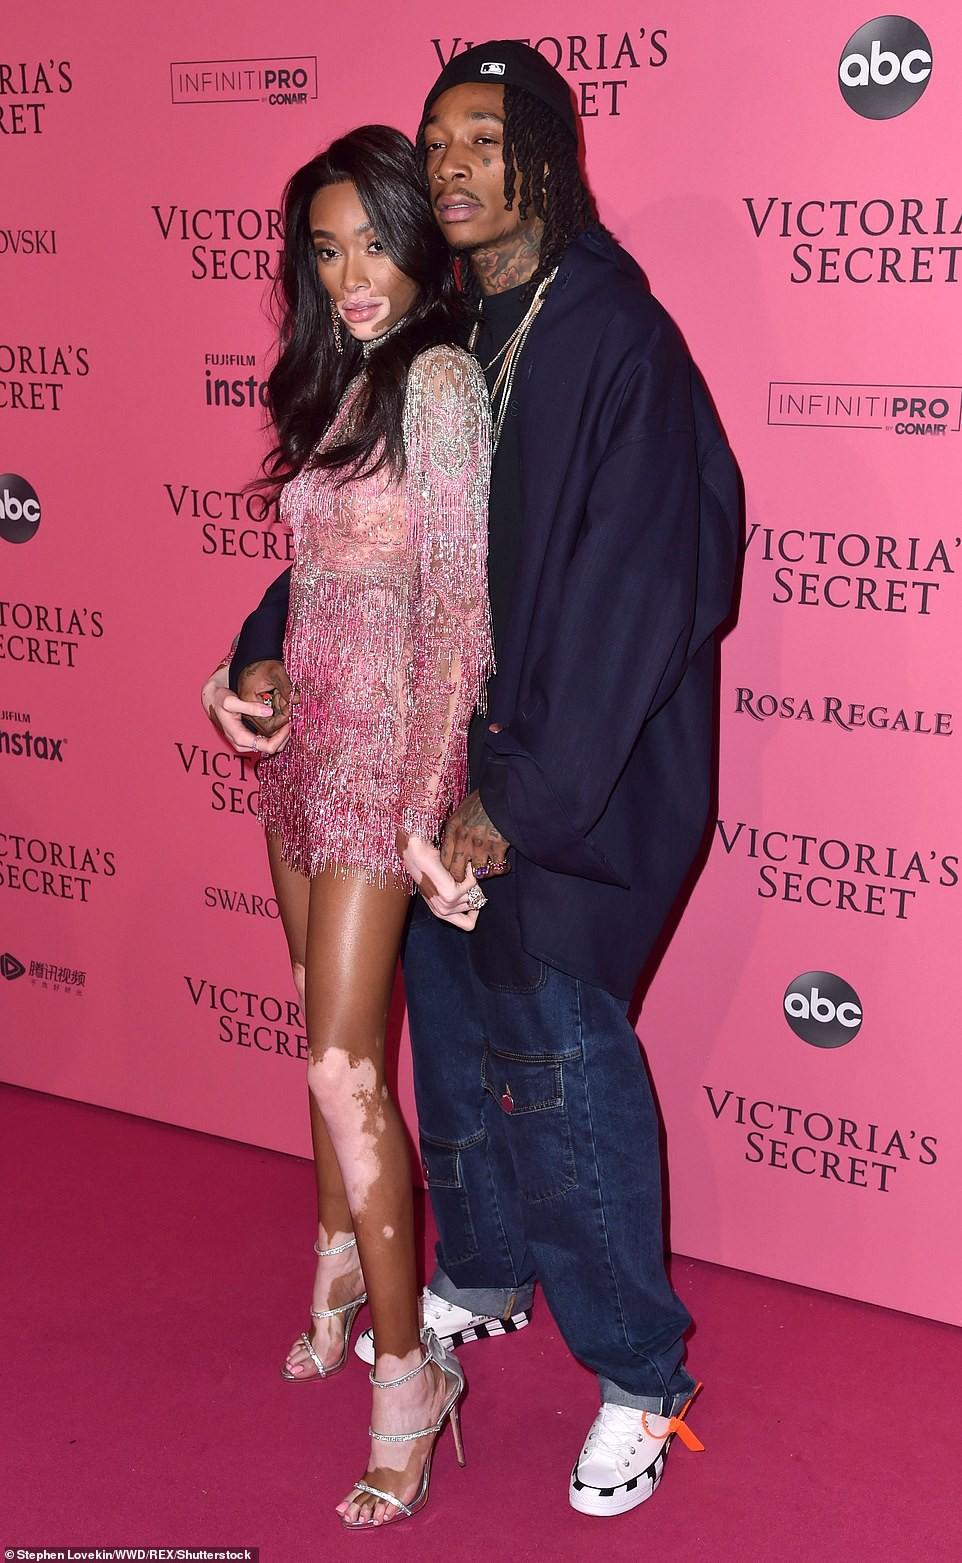 Thảm đỏ hậu show Victorias Secret: Dù không đẹp nhất, Bella Hadid vẫn nổi nhất dàn sao vì... lộ hết vòng 1 - Ảnh 9.